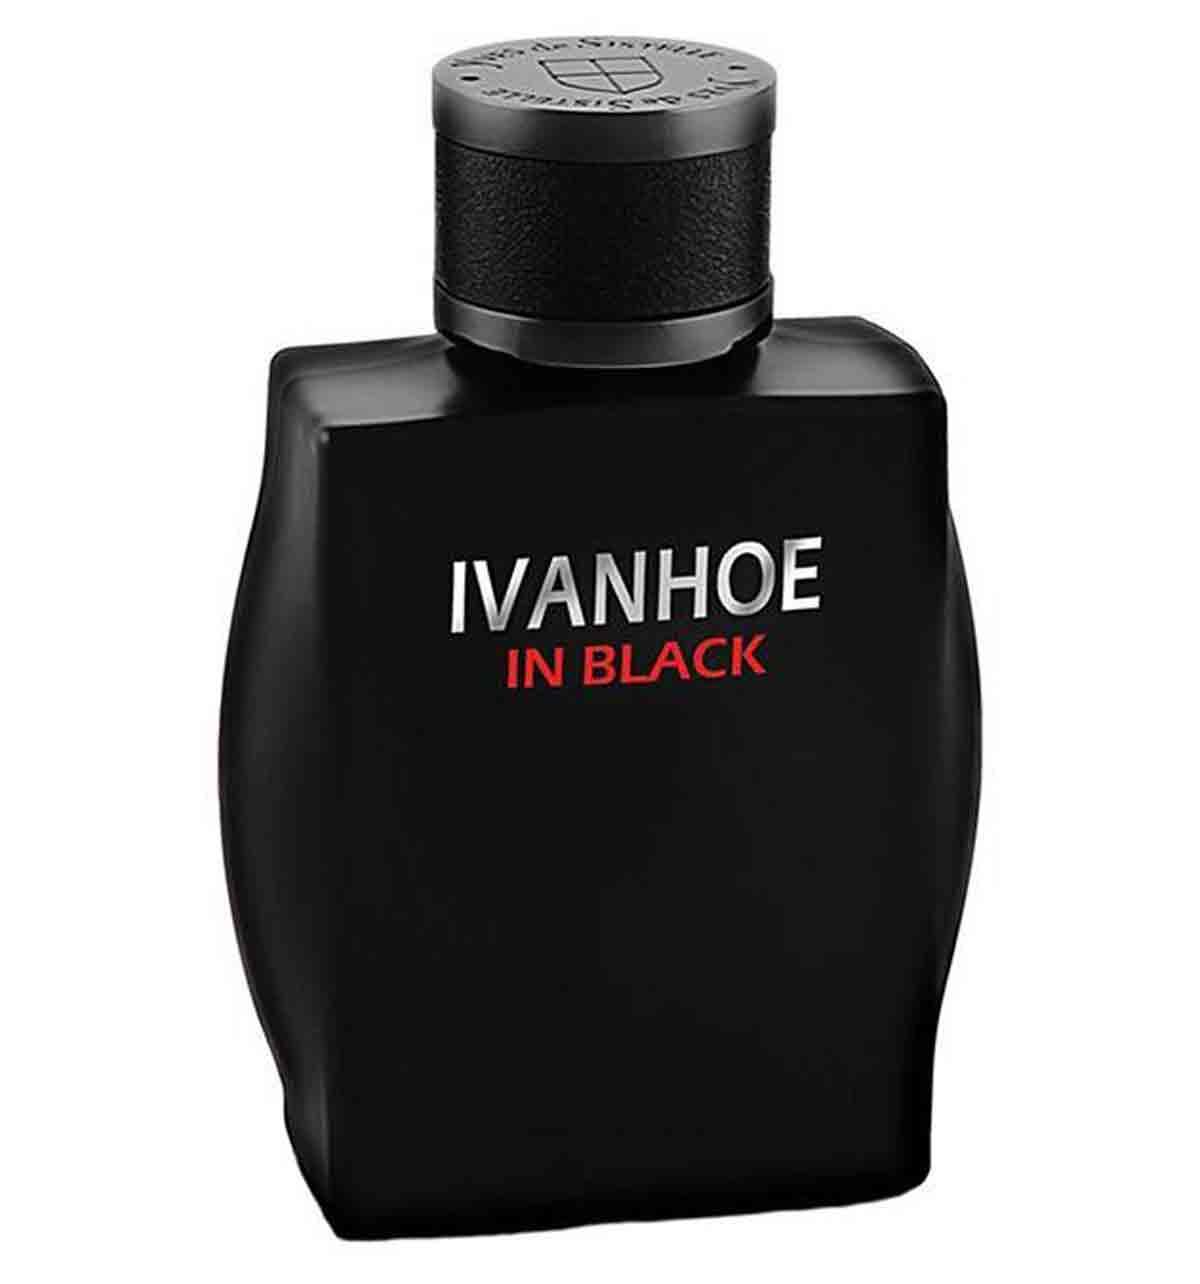 ادوتویلت مردانه ایوز د سیستل مدل Ivanhoe In Black